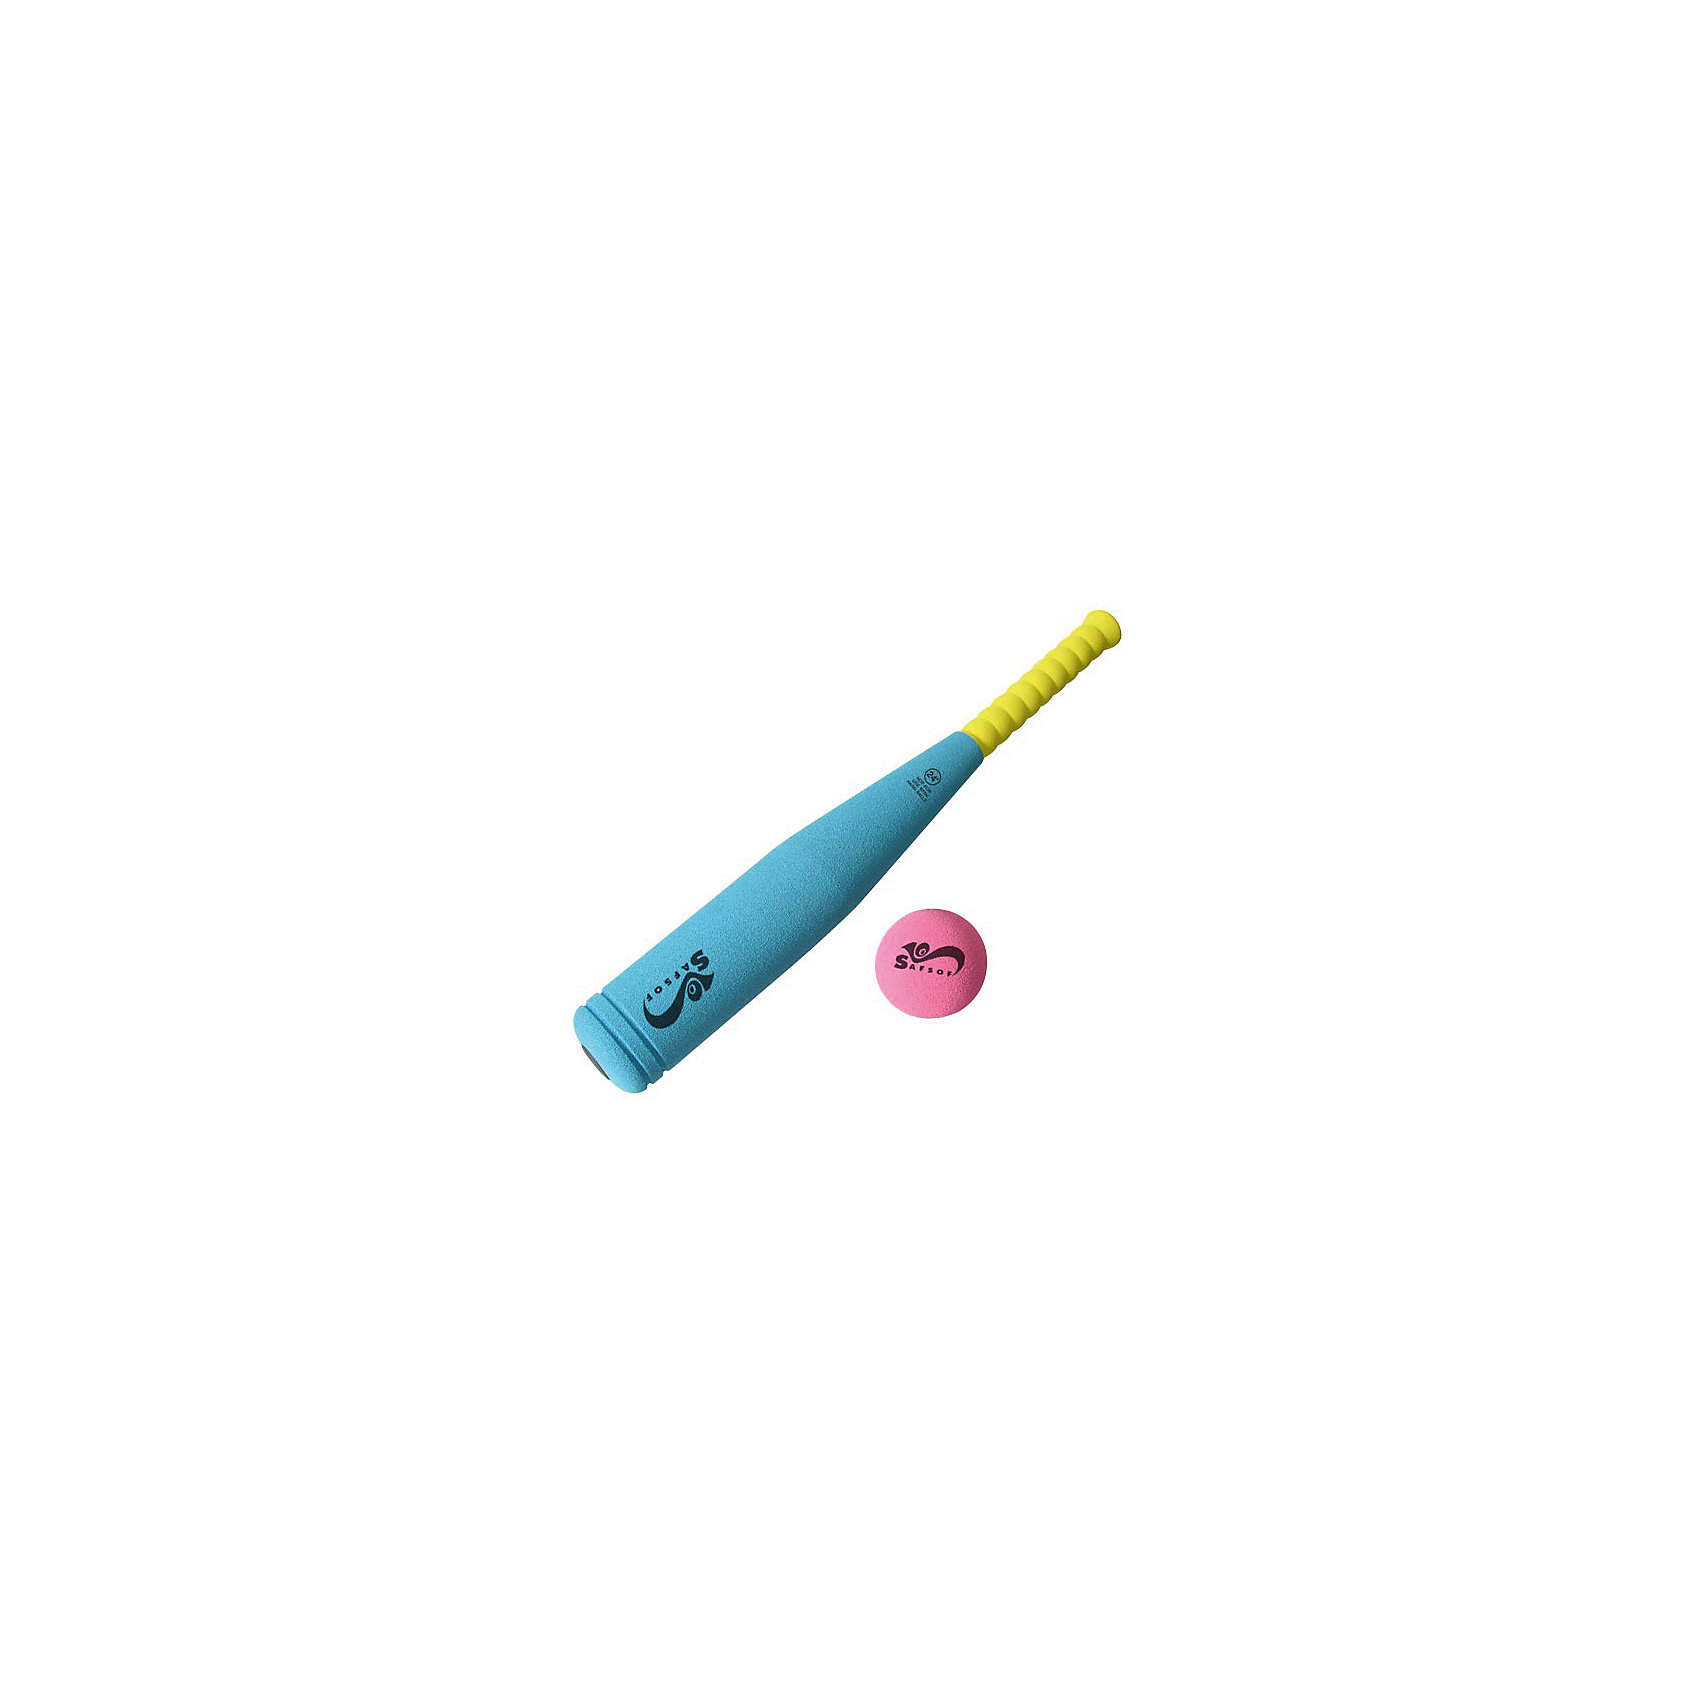 SafSof Бита бейсбольная, 45 см, SafSof